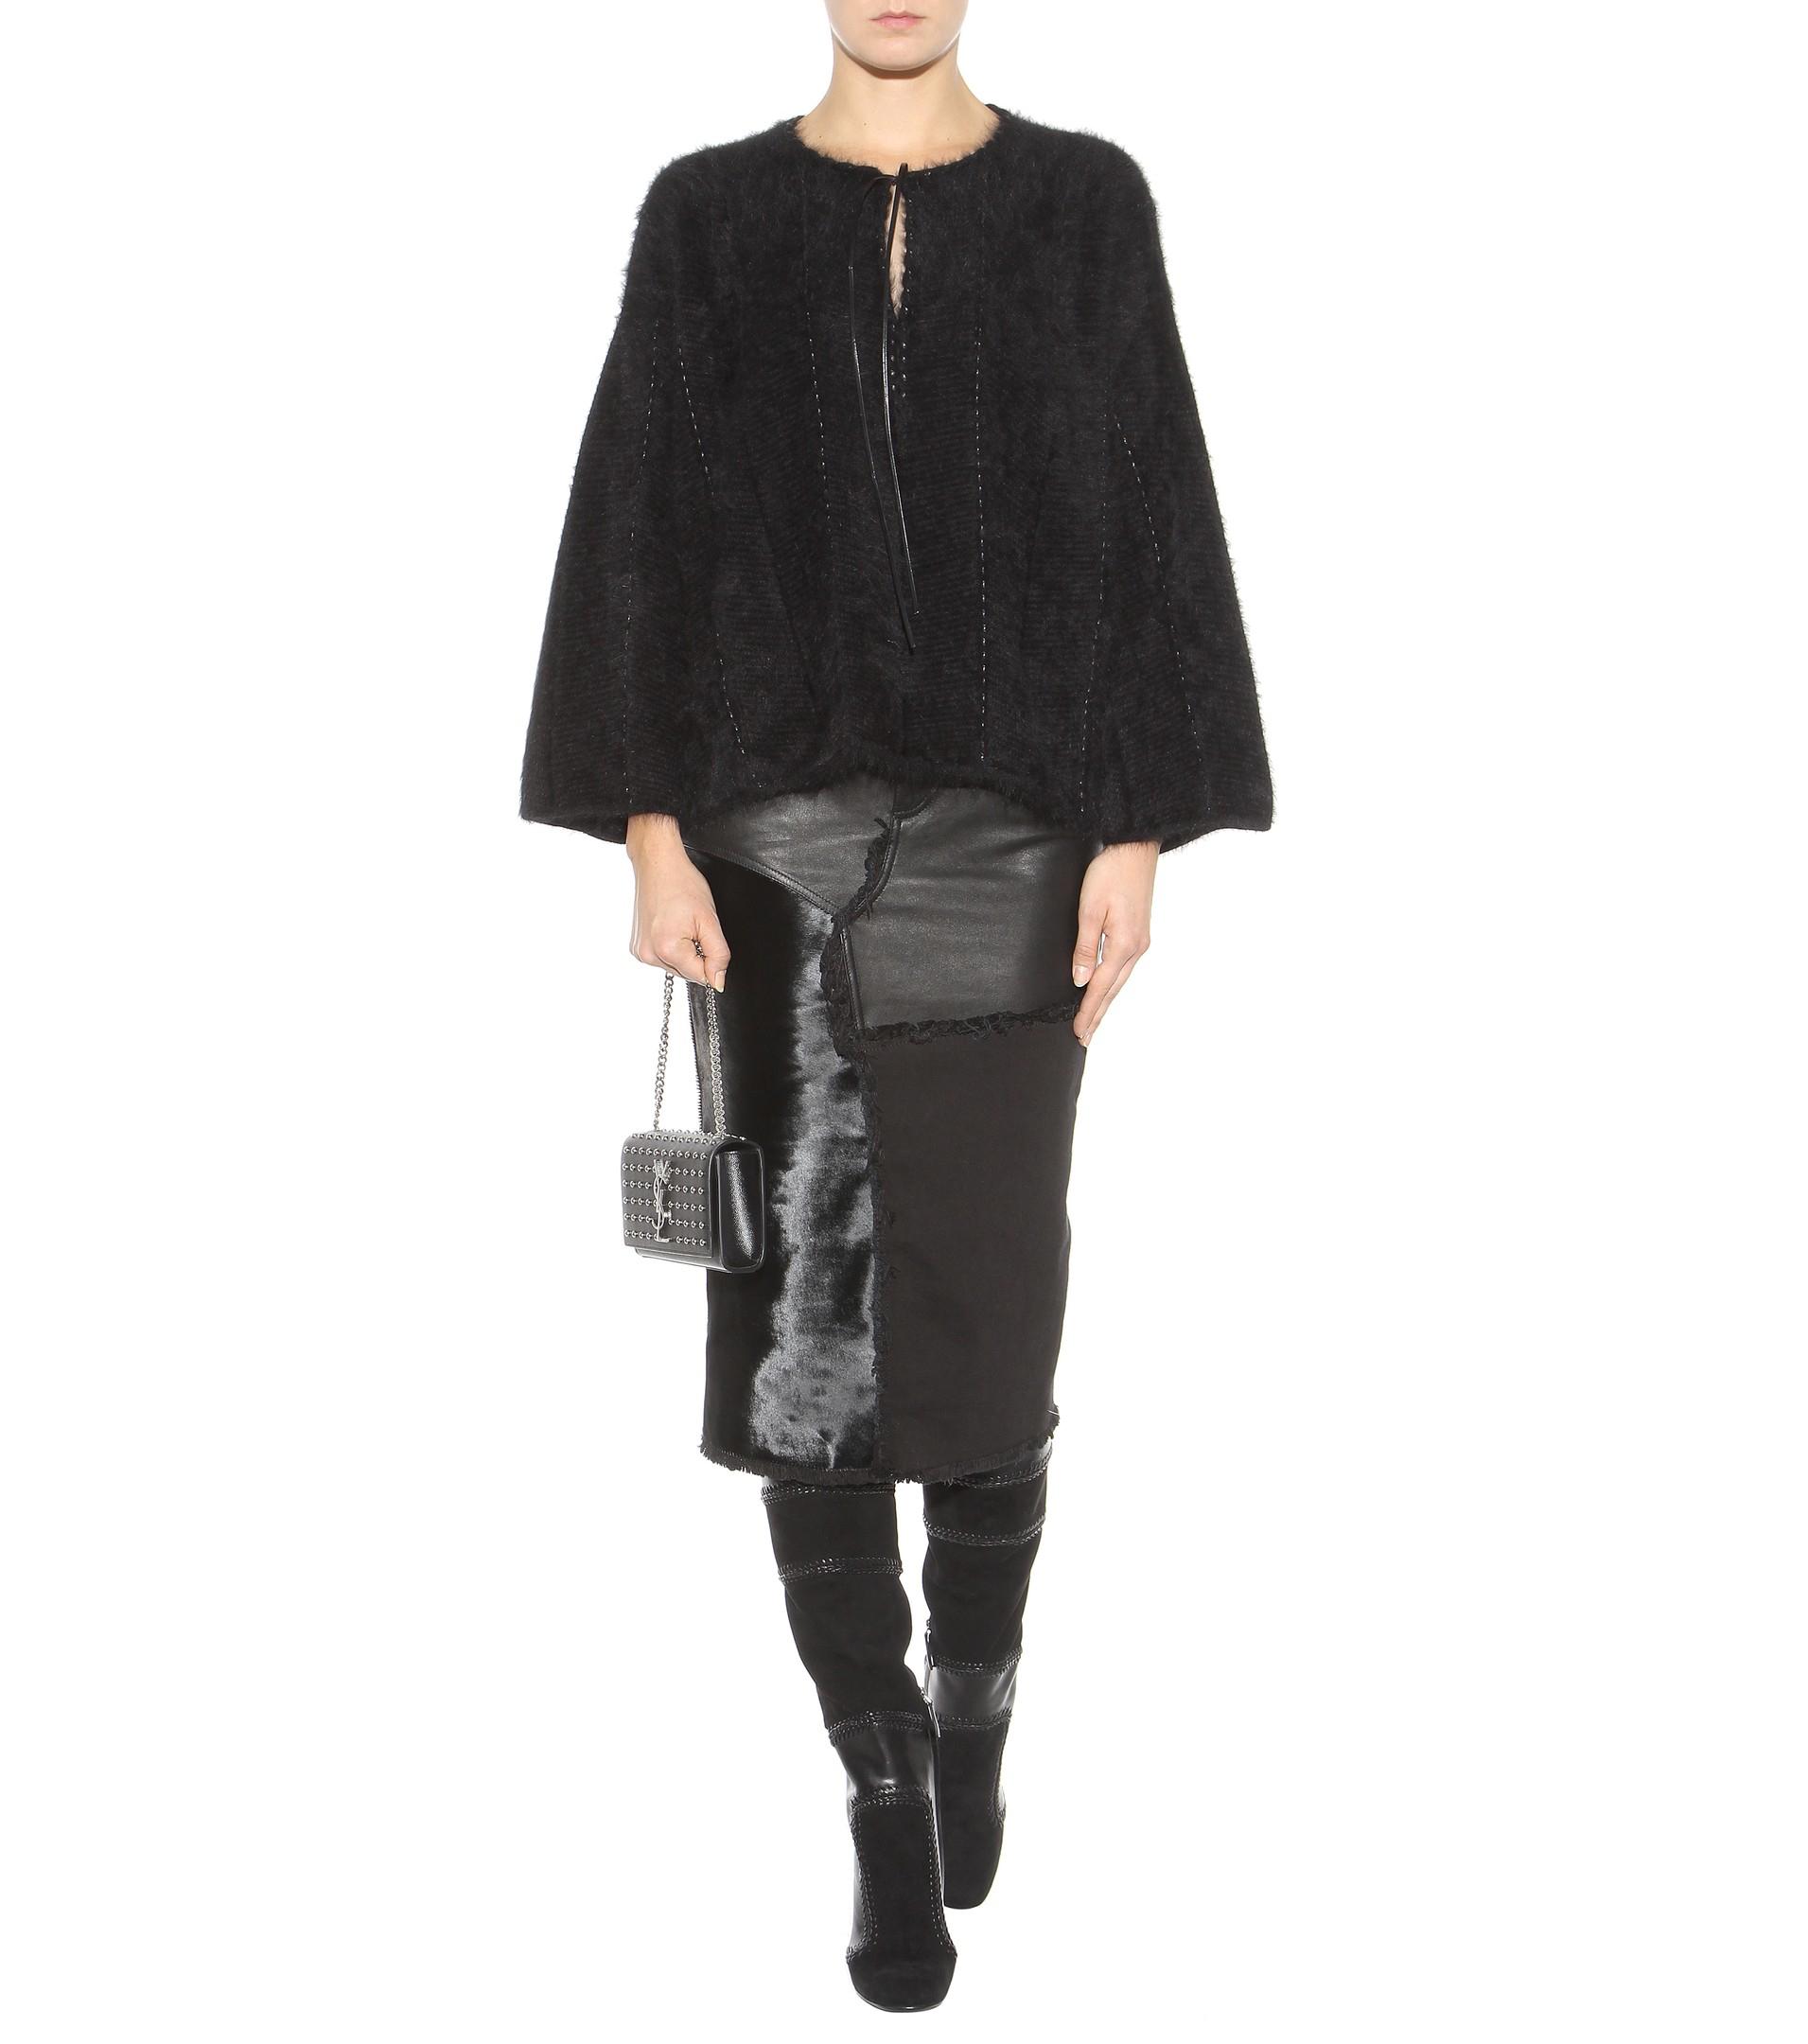 tom ford leather skirt in black lyst. Black Bedroom Furniture Sets. Home Design Ideas